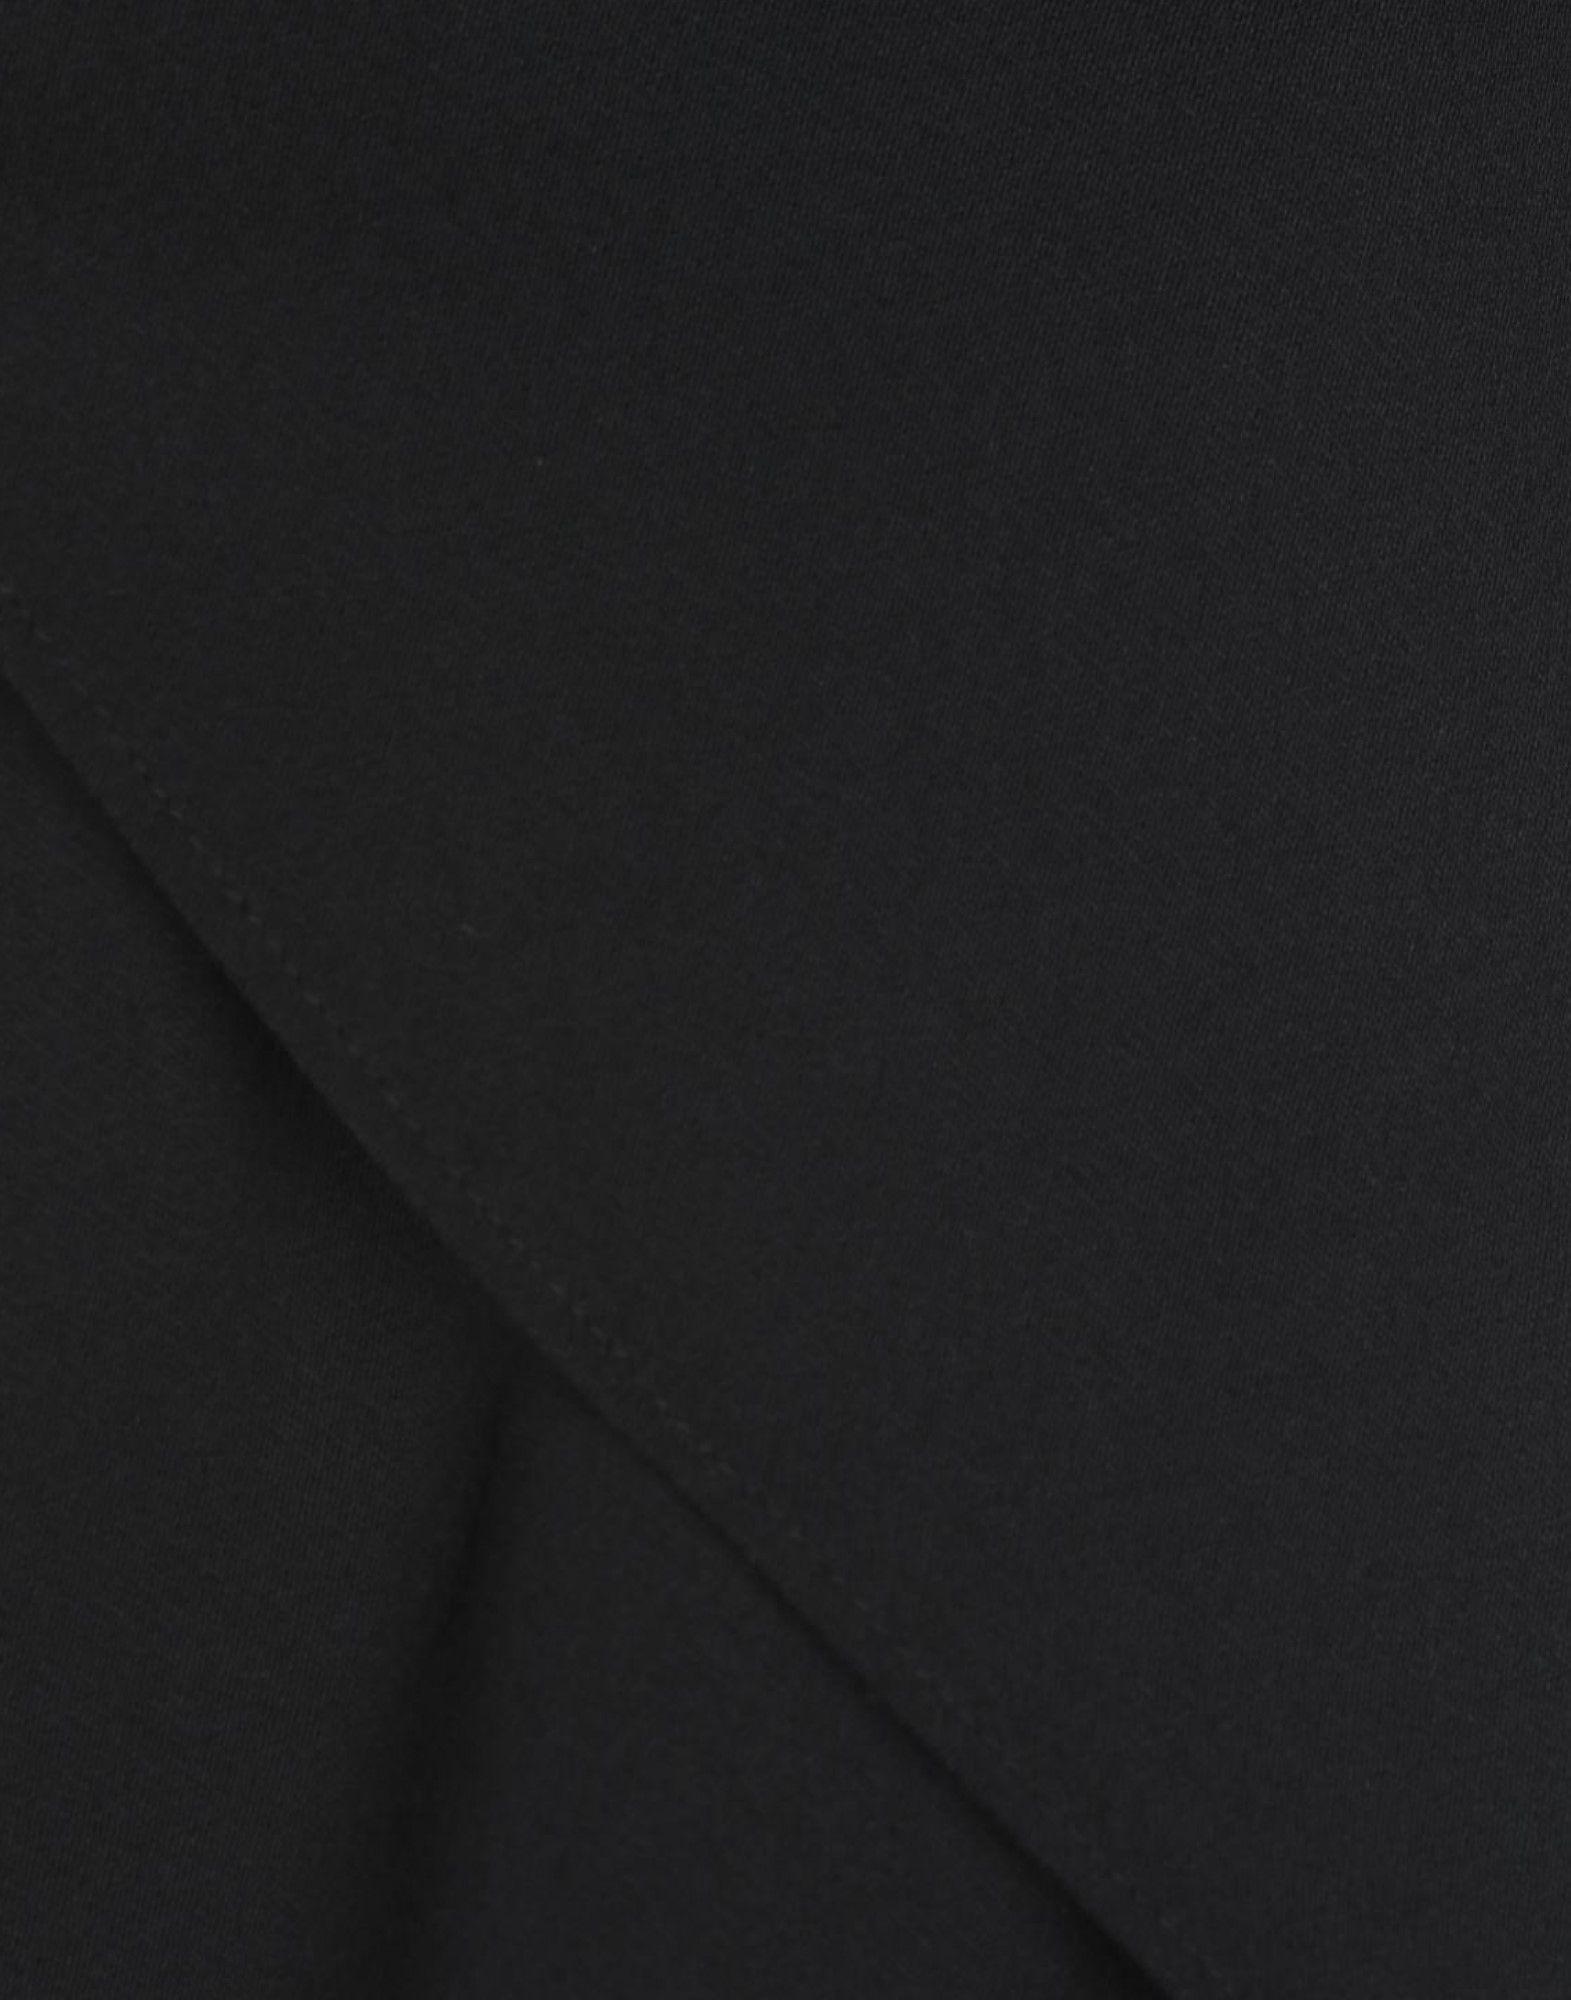 Pantalones Goen.J de color Negro